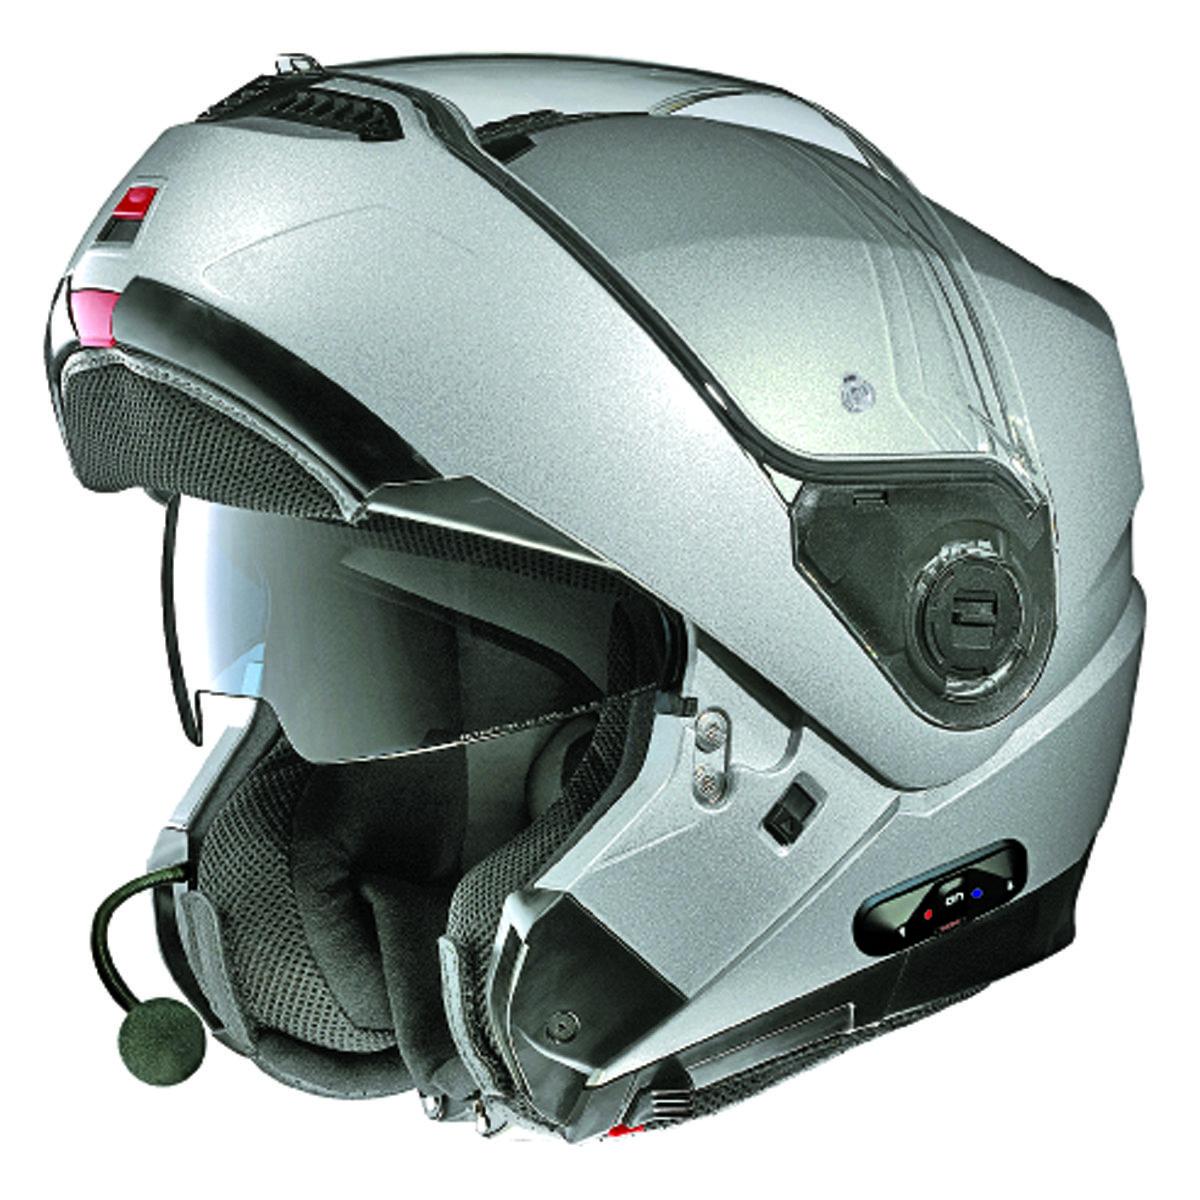 Nolan N104 Modular Motorcycle Helmet Review | Motorcycle ...